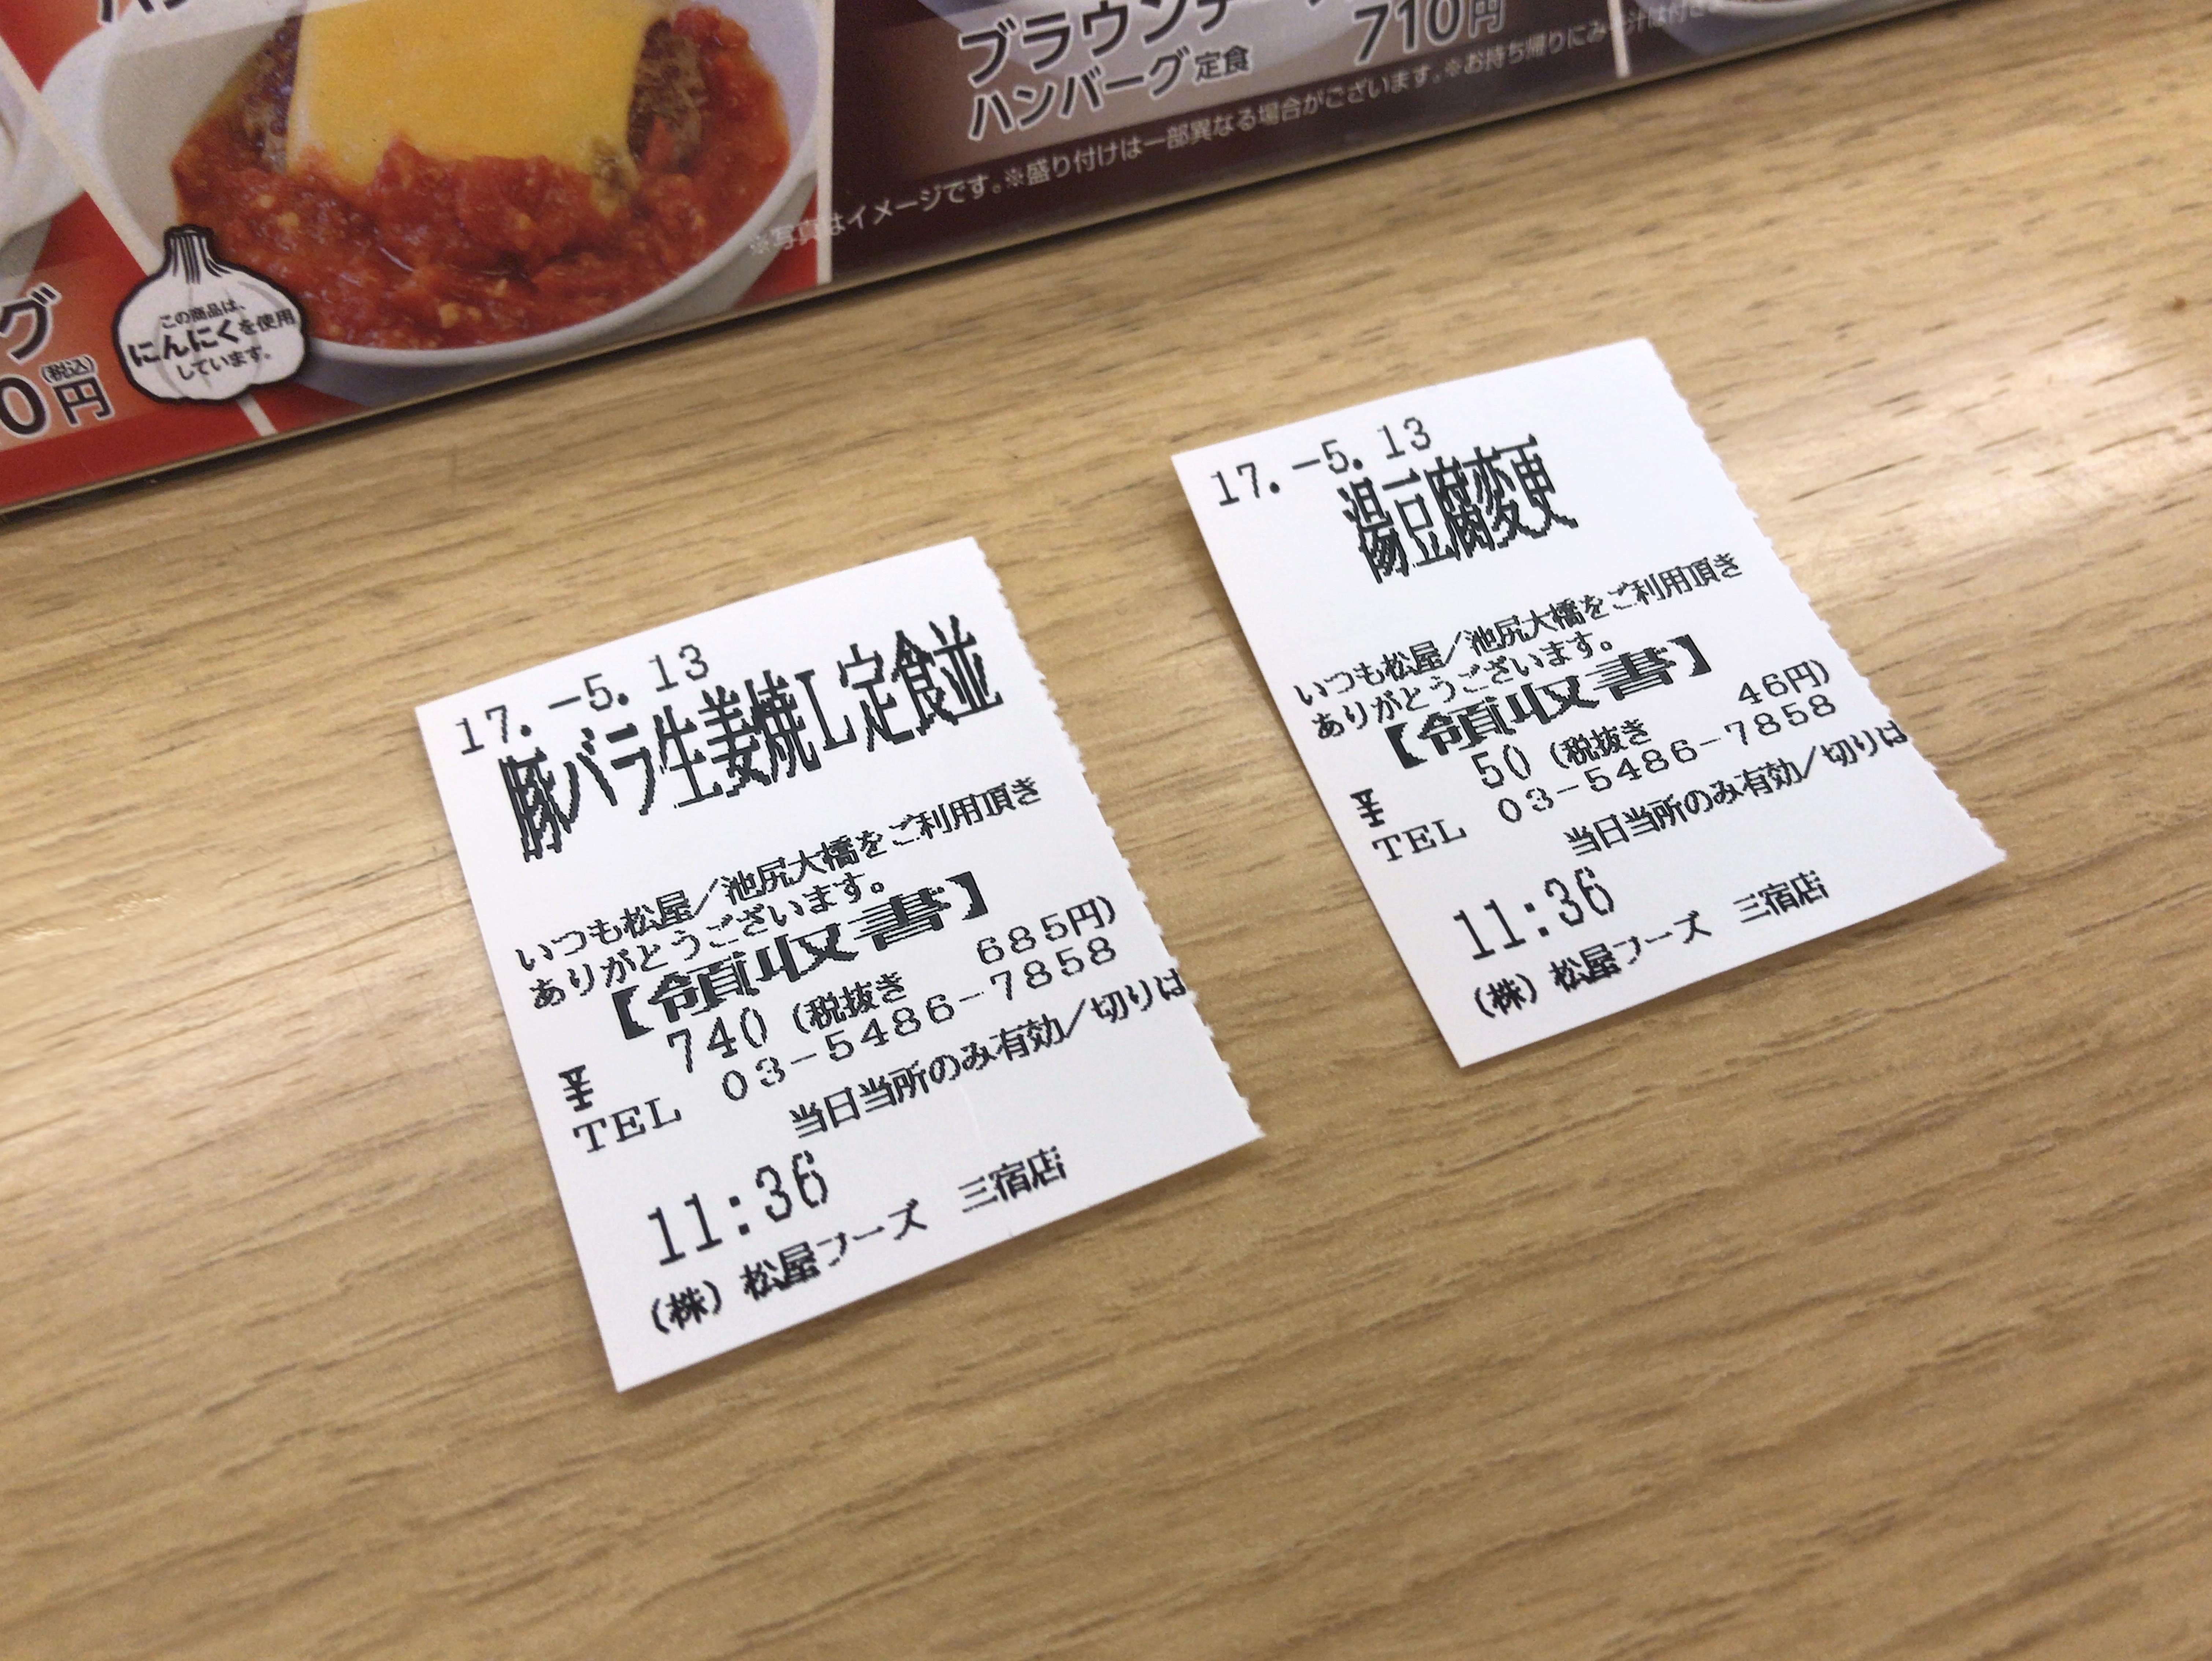 [松屋][豚バラ生姜焼][ラージ定食][さっぱり塩ダレおろし][湯豆腐変更][食券]